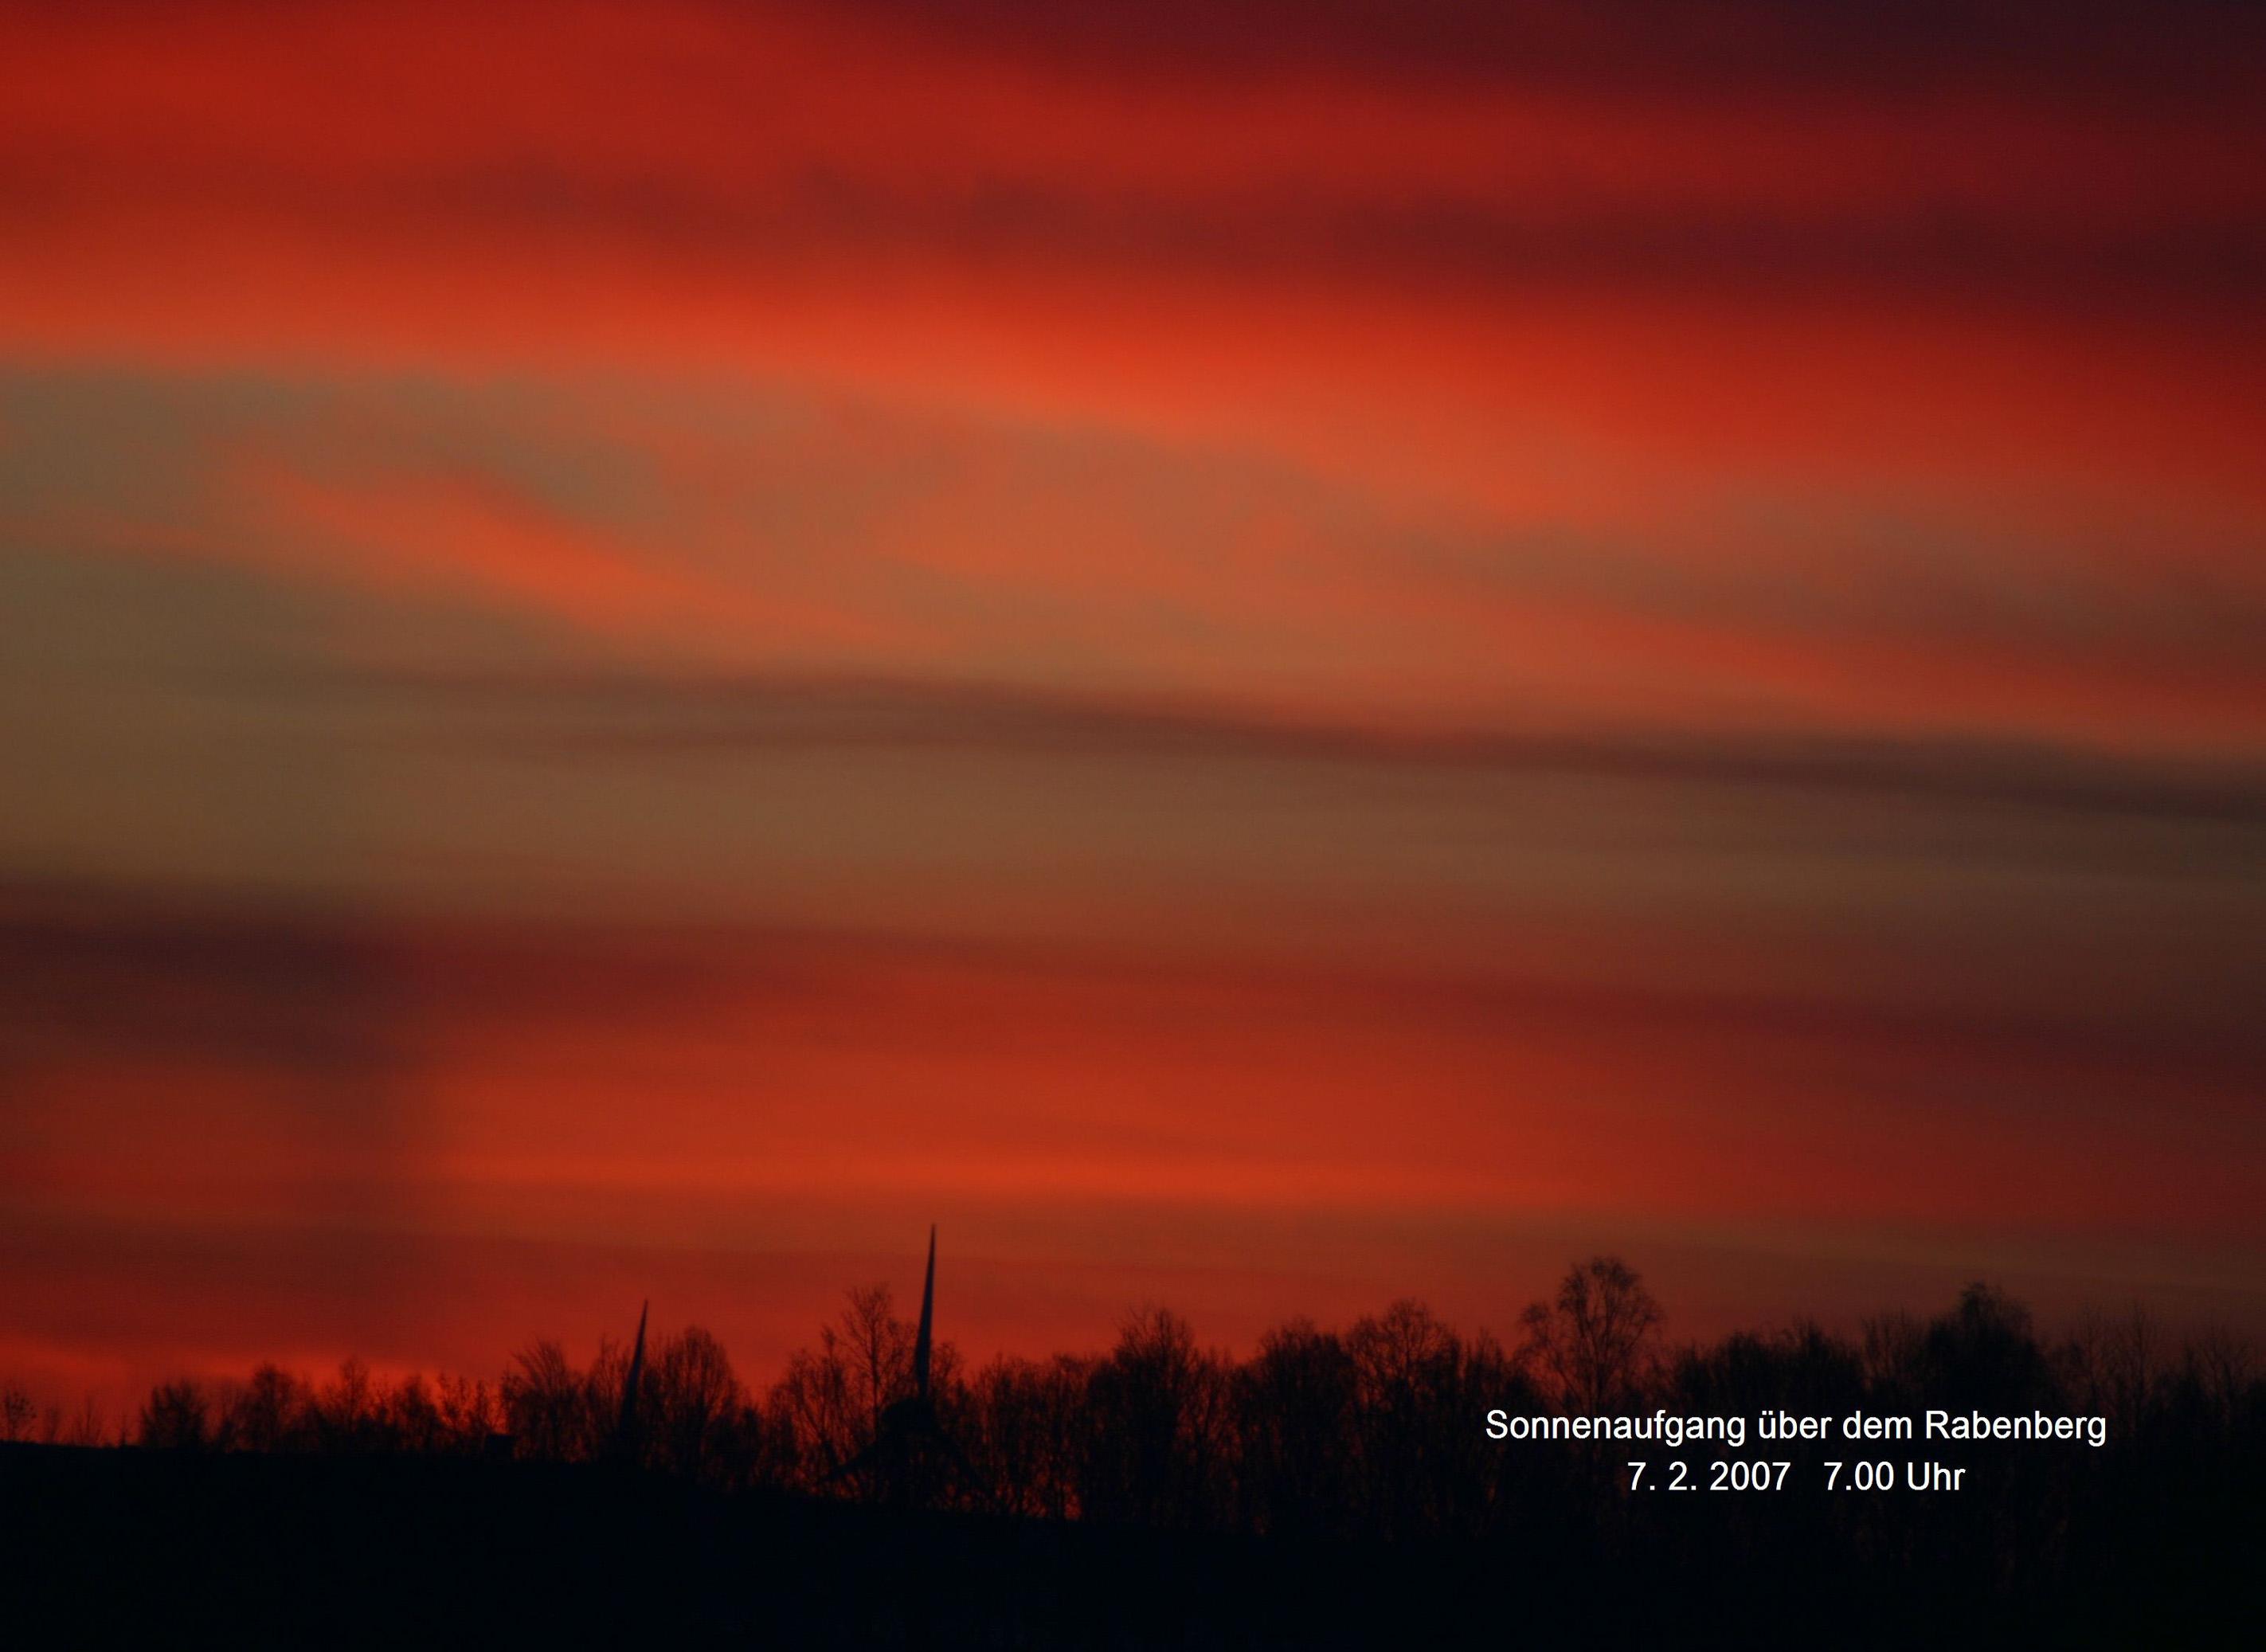 11.) Göritzhain Sonnenbaufgang über Rabenberg 07.02.2007  07.00 Uhr